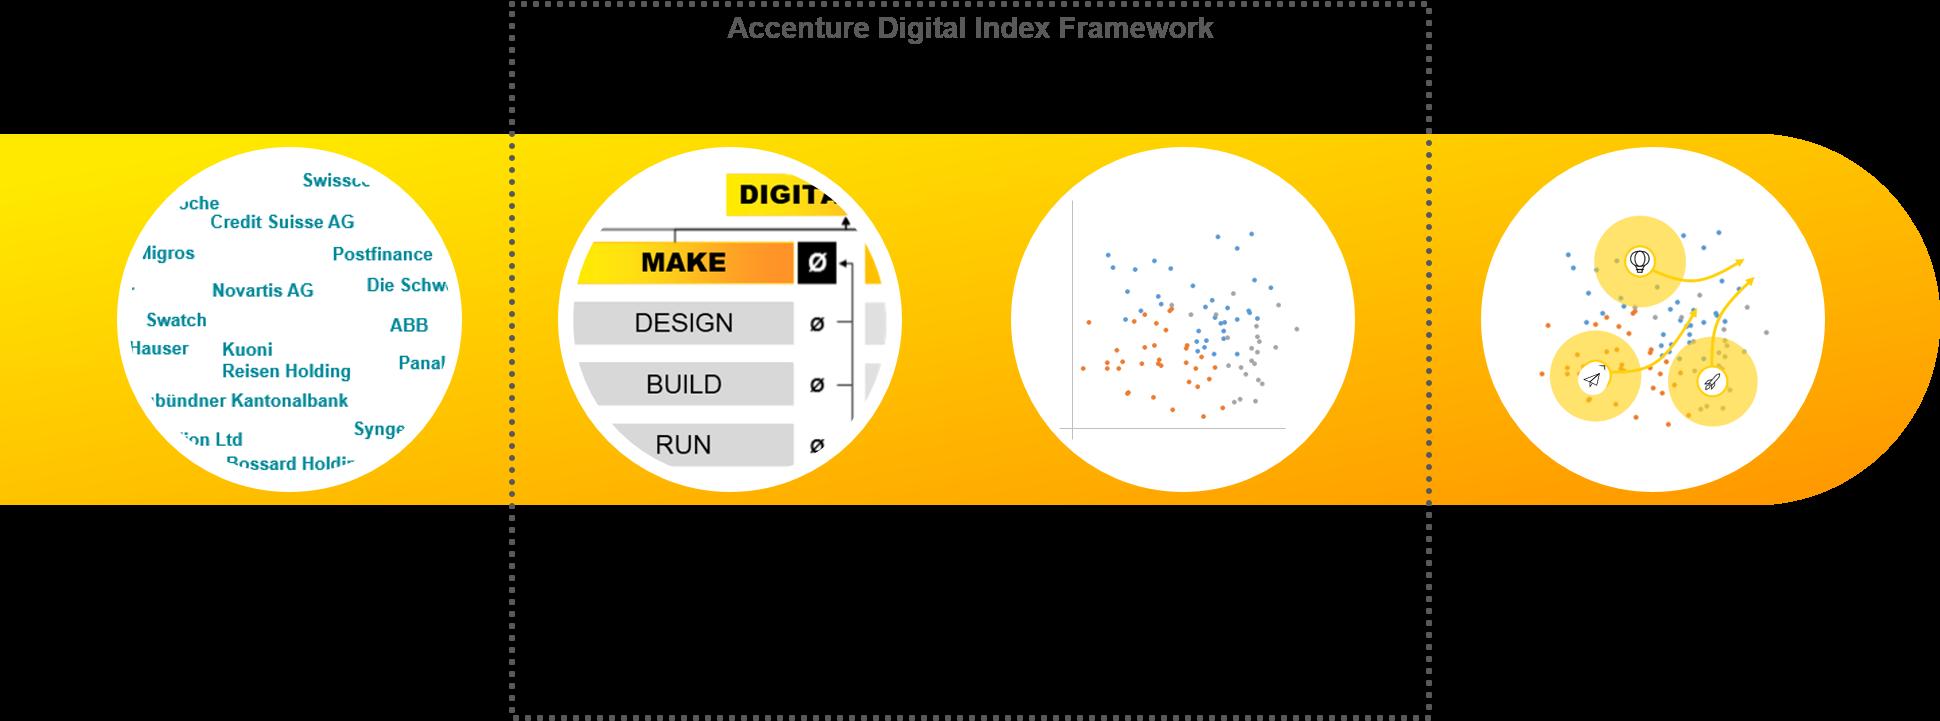 Accenture digital index switzerland 2017 accenture digital index framework buycottarizona